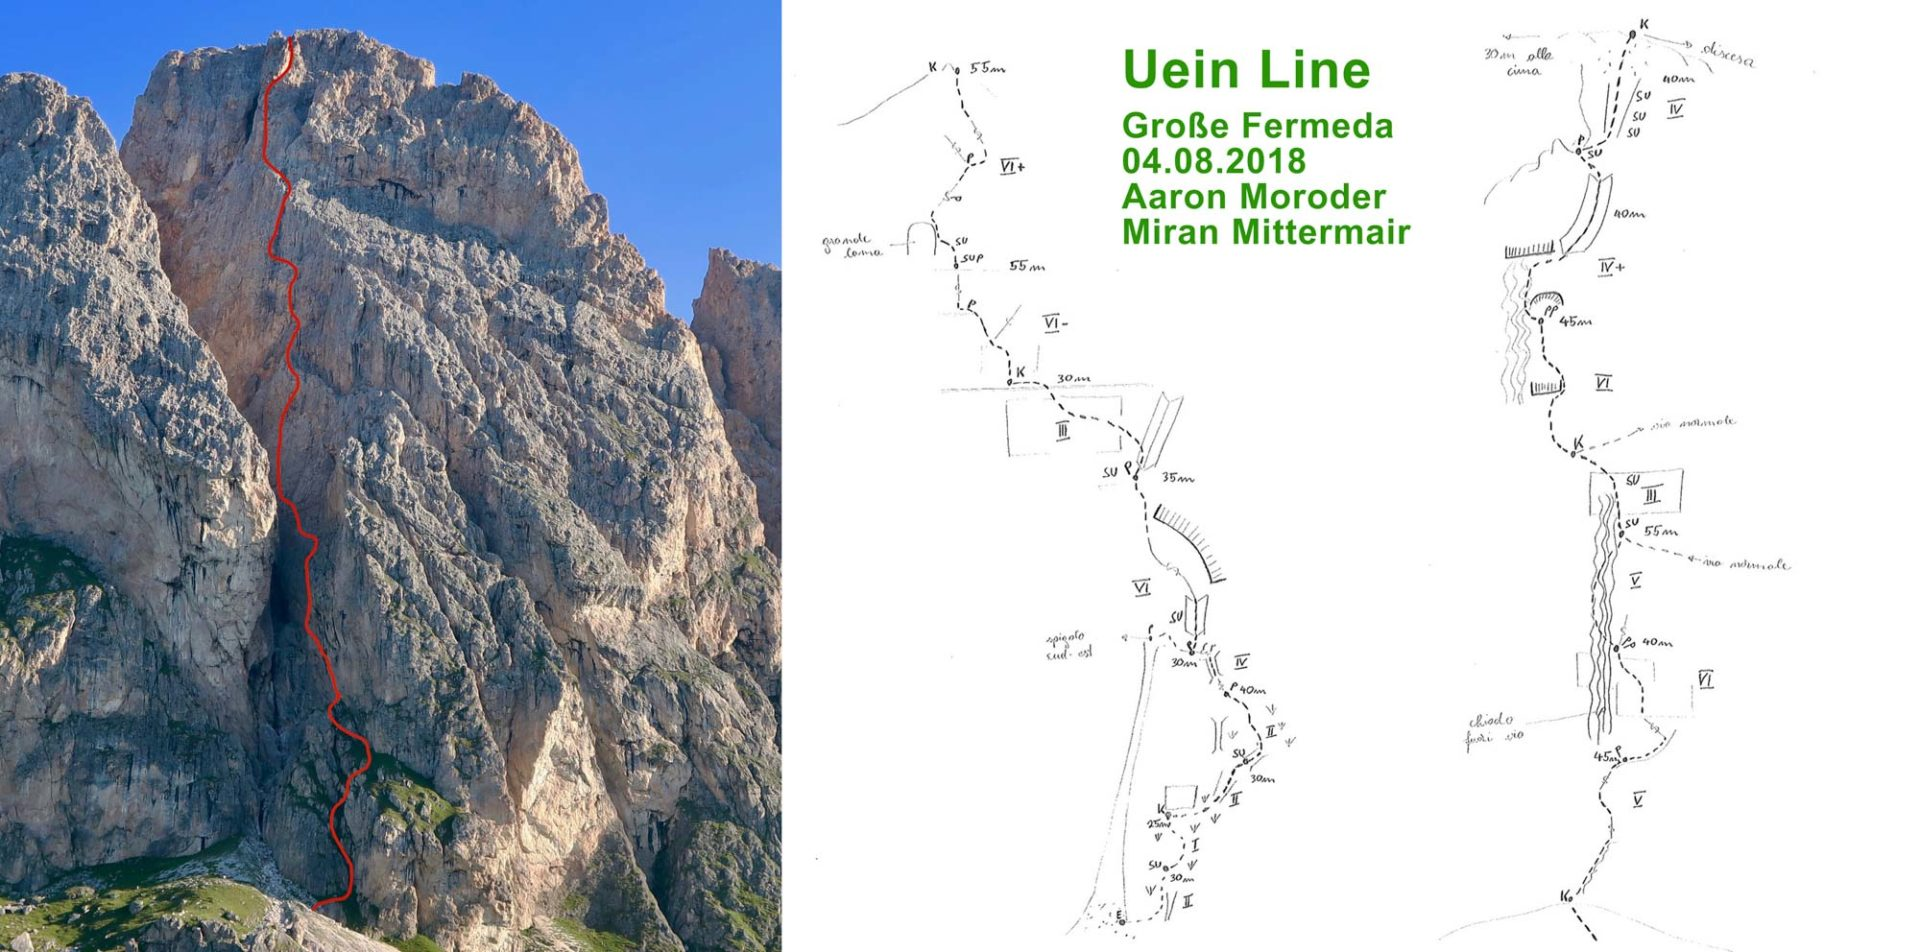 Uein Line Topo